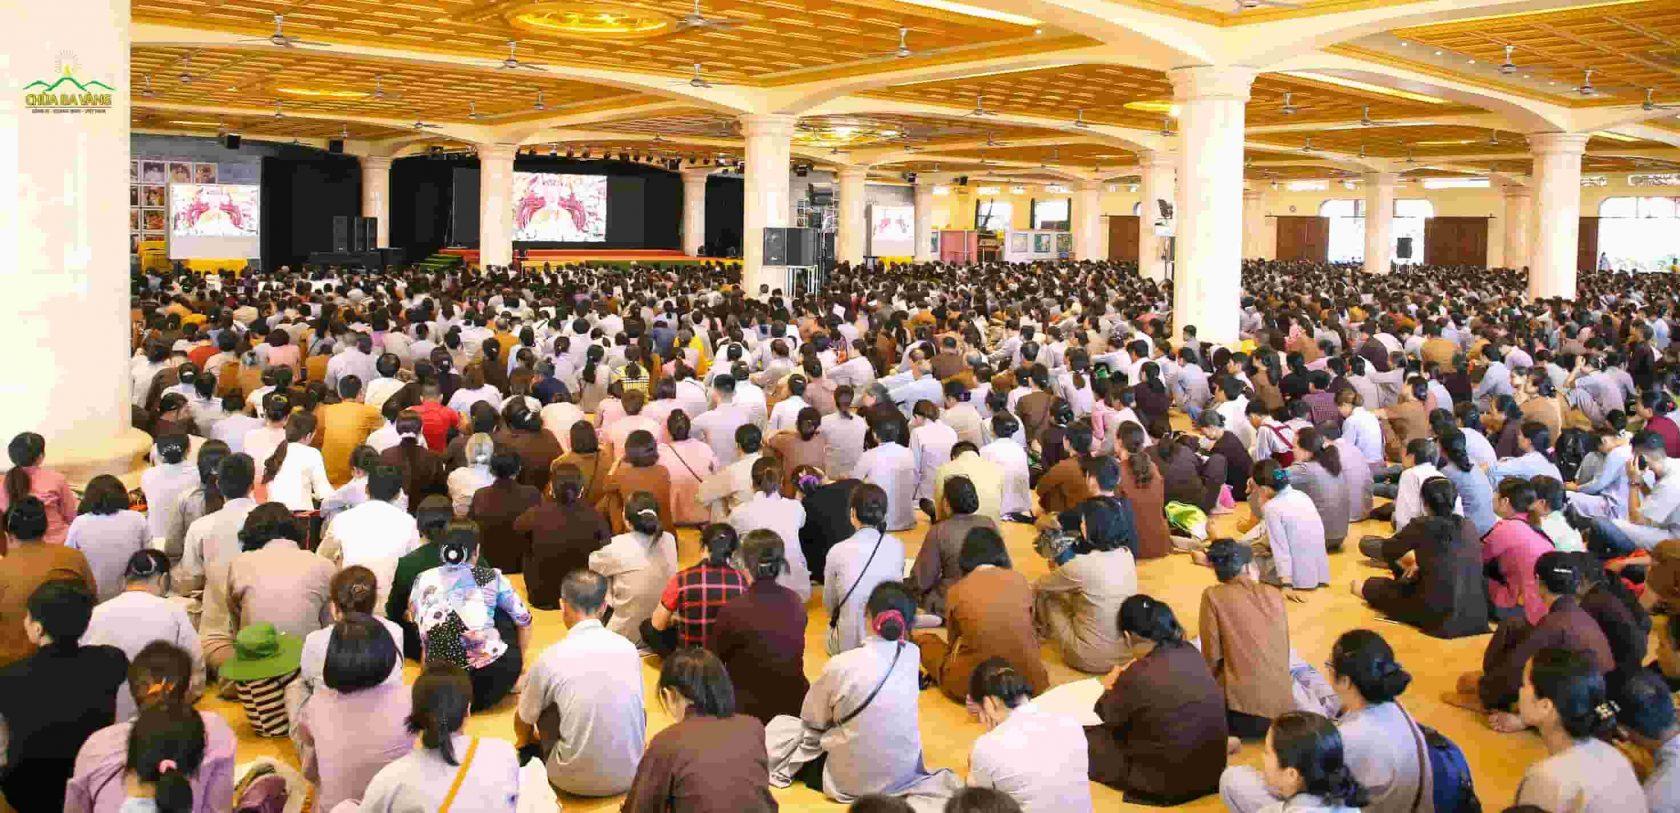 Tại Đại giảng đường, Phật tử chăm chú nghe những dòng Pháp nhũ của Sư Phụ Thích Trúc Thái Minh